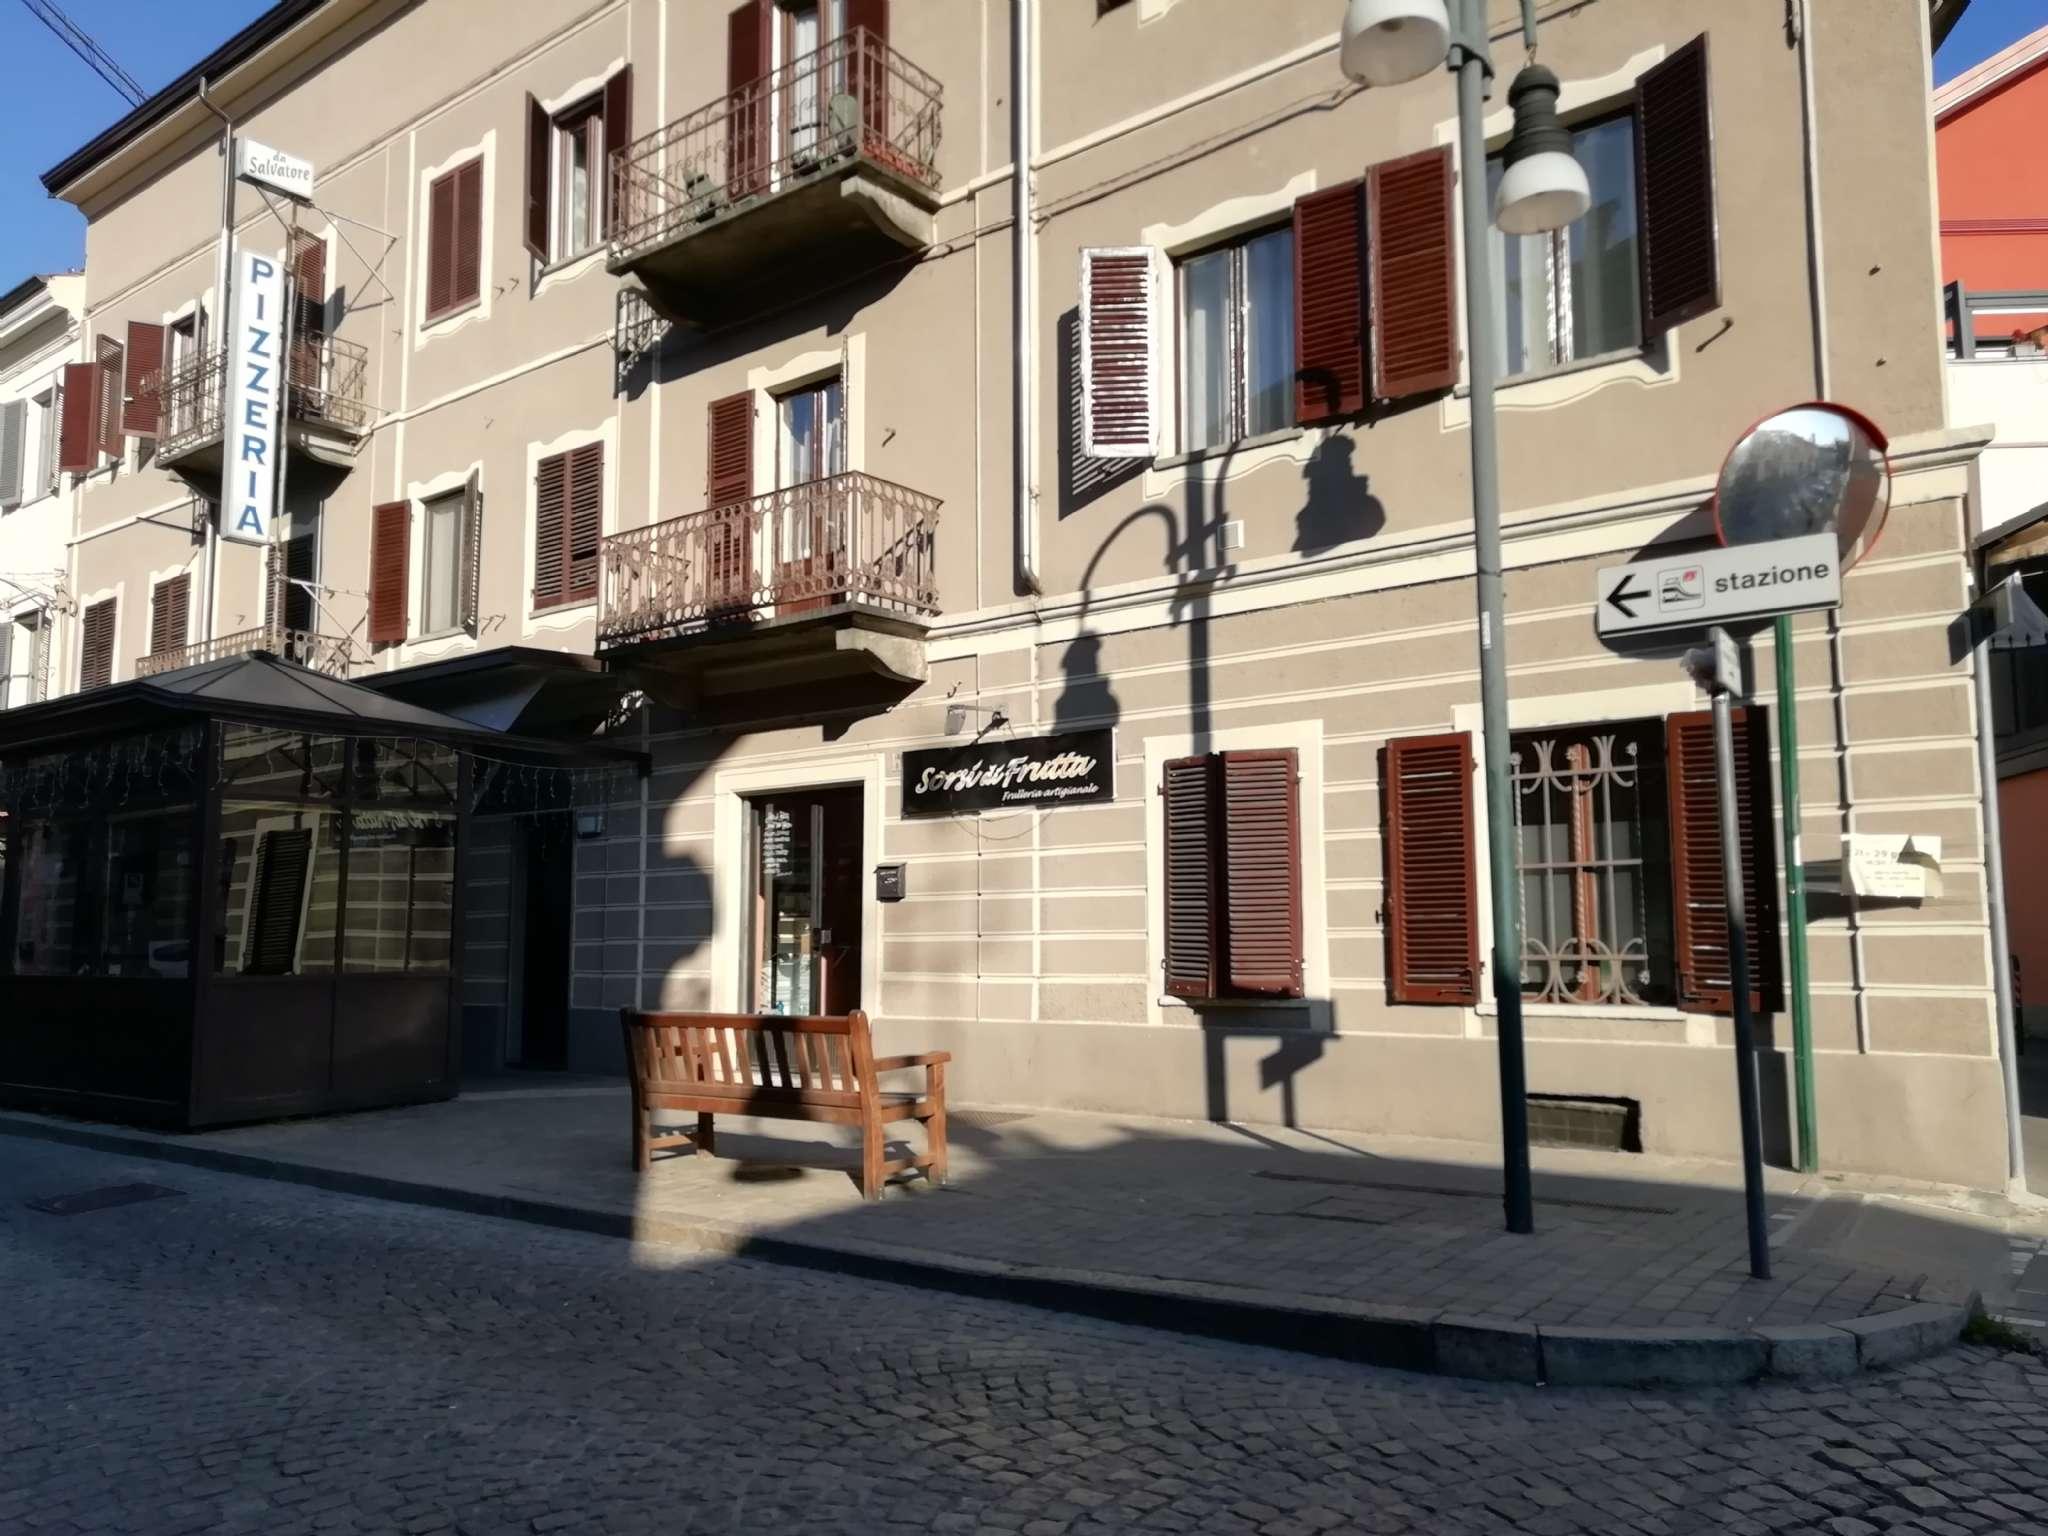 Negozio / Locale in affitto a Chivasso, 1 locali, prezzo € 400 | PortaleAgenzieImmobiliari.it